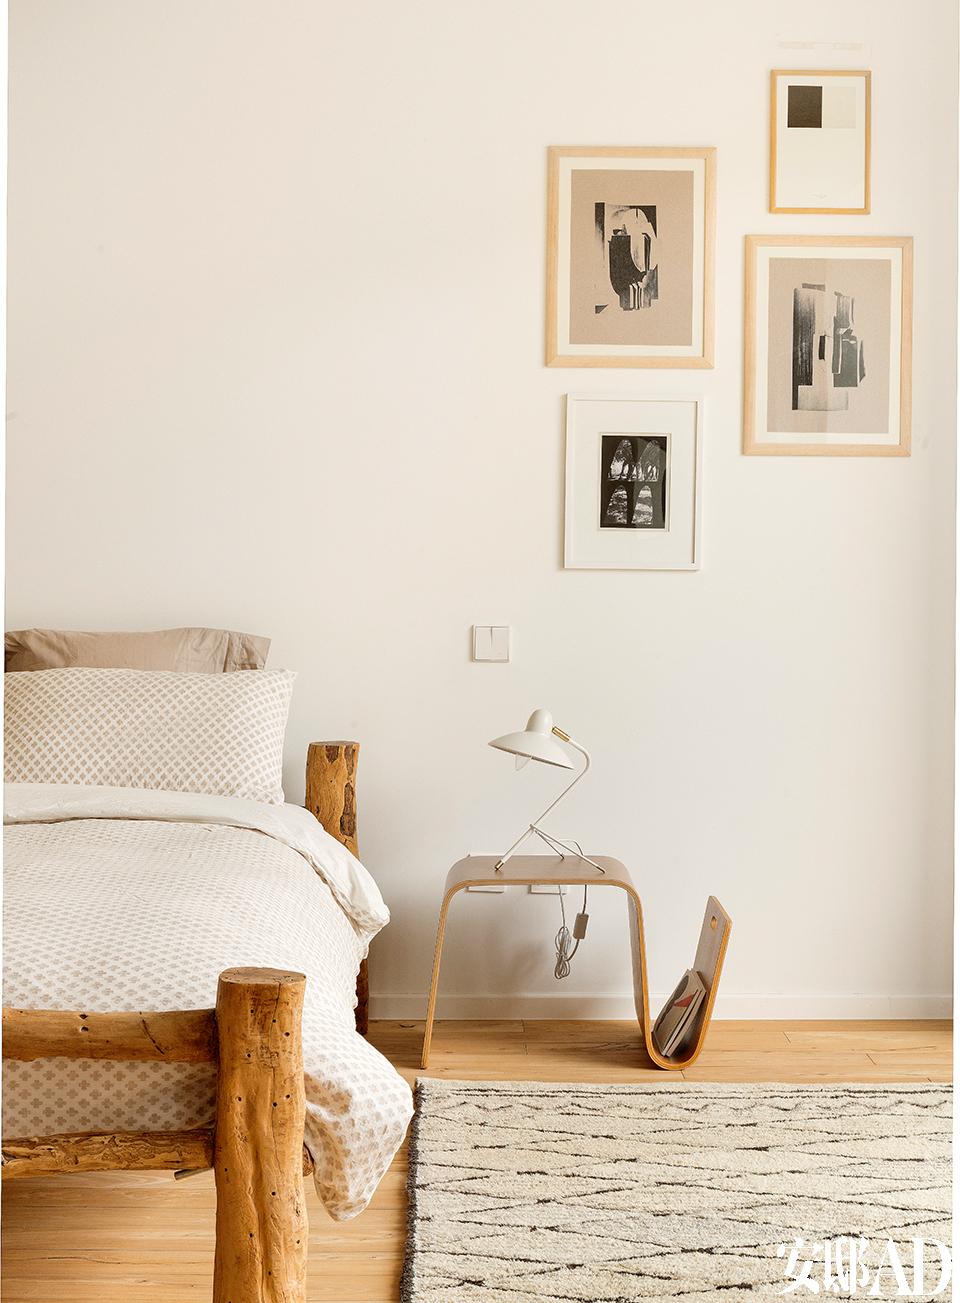 一间卧室的一角,墙上的各种小画均来自网络艺术平台Little Paper Planes。